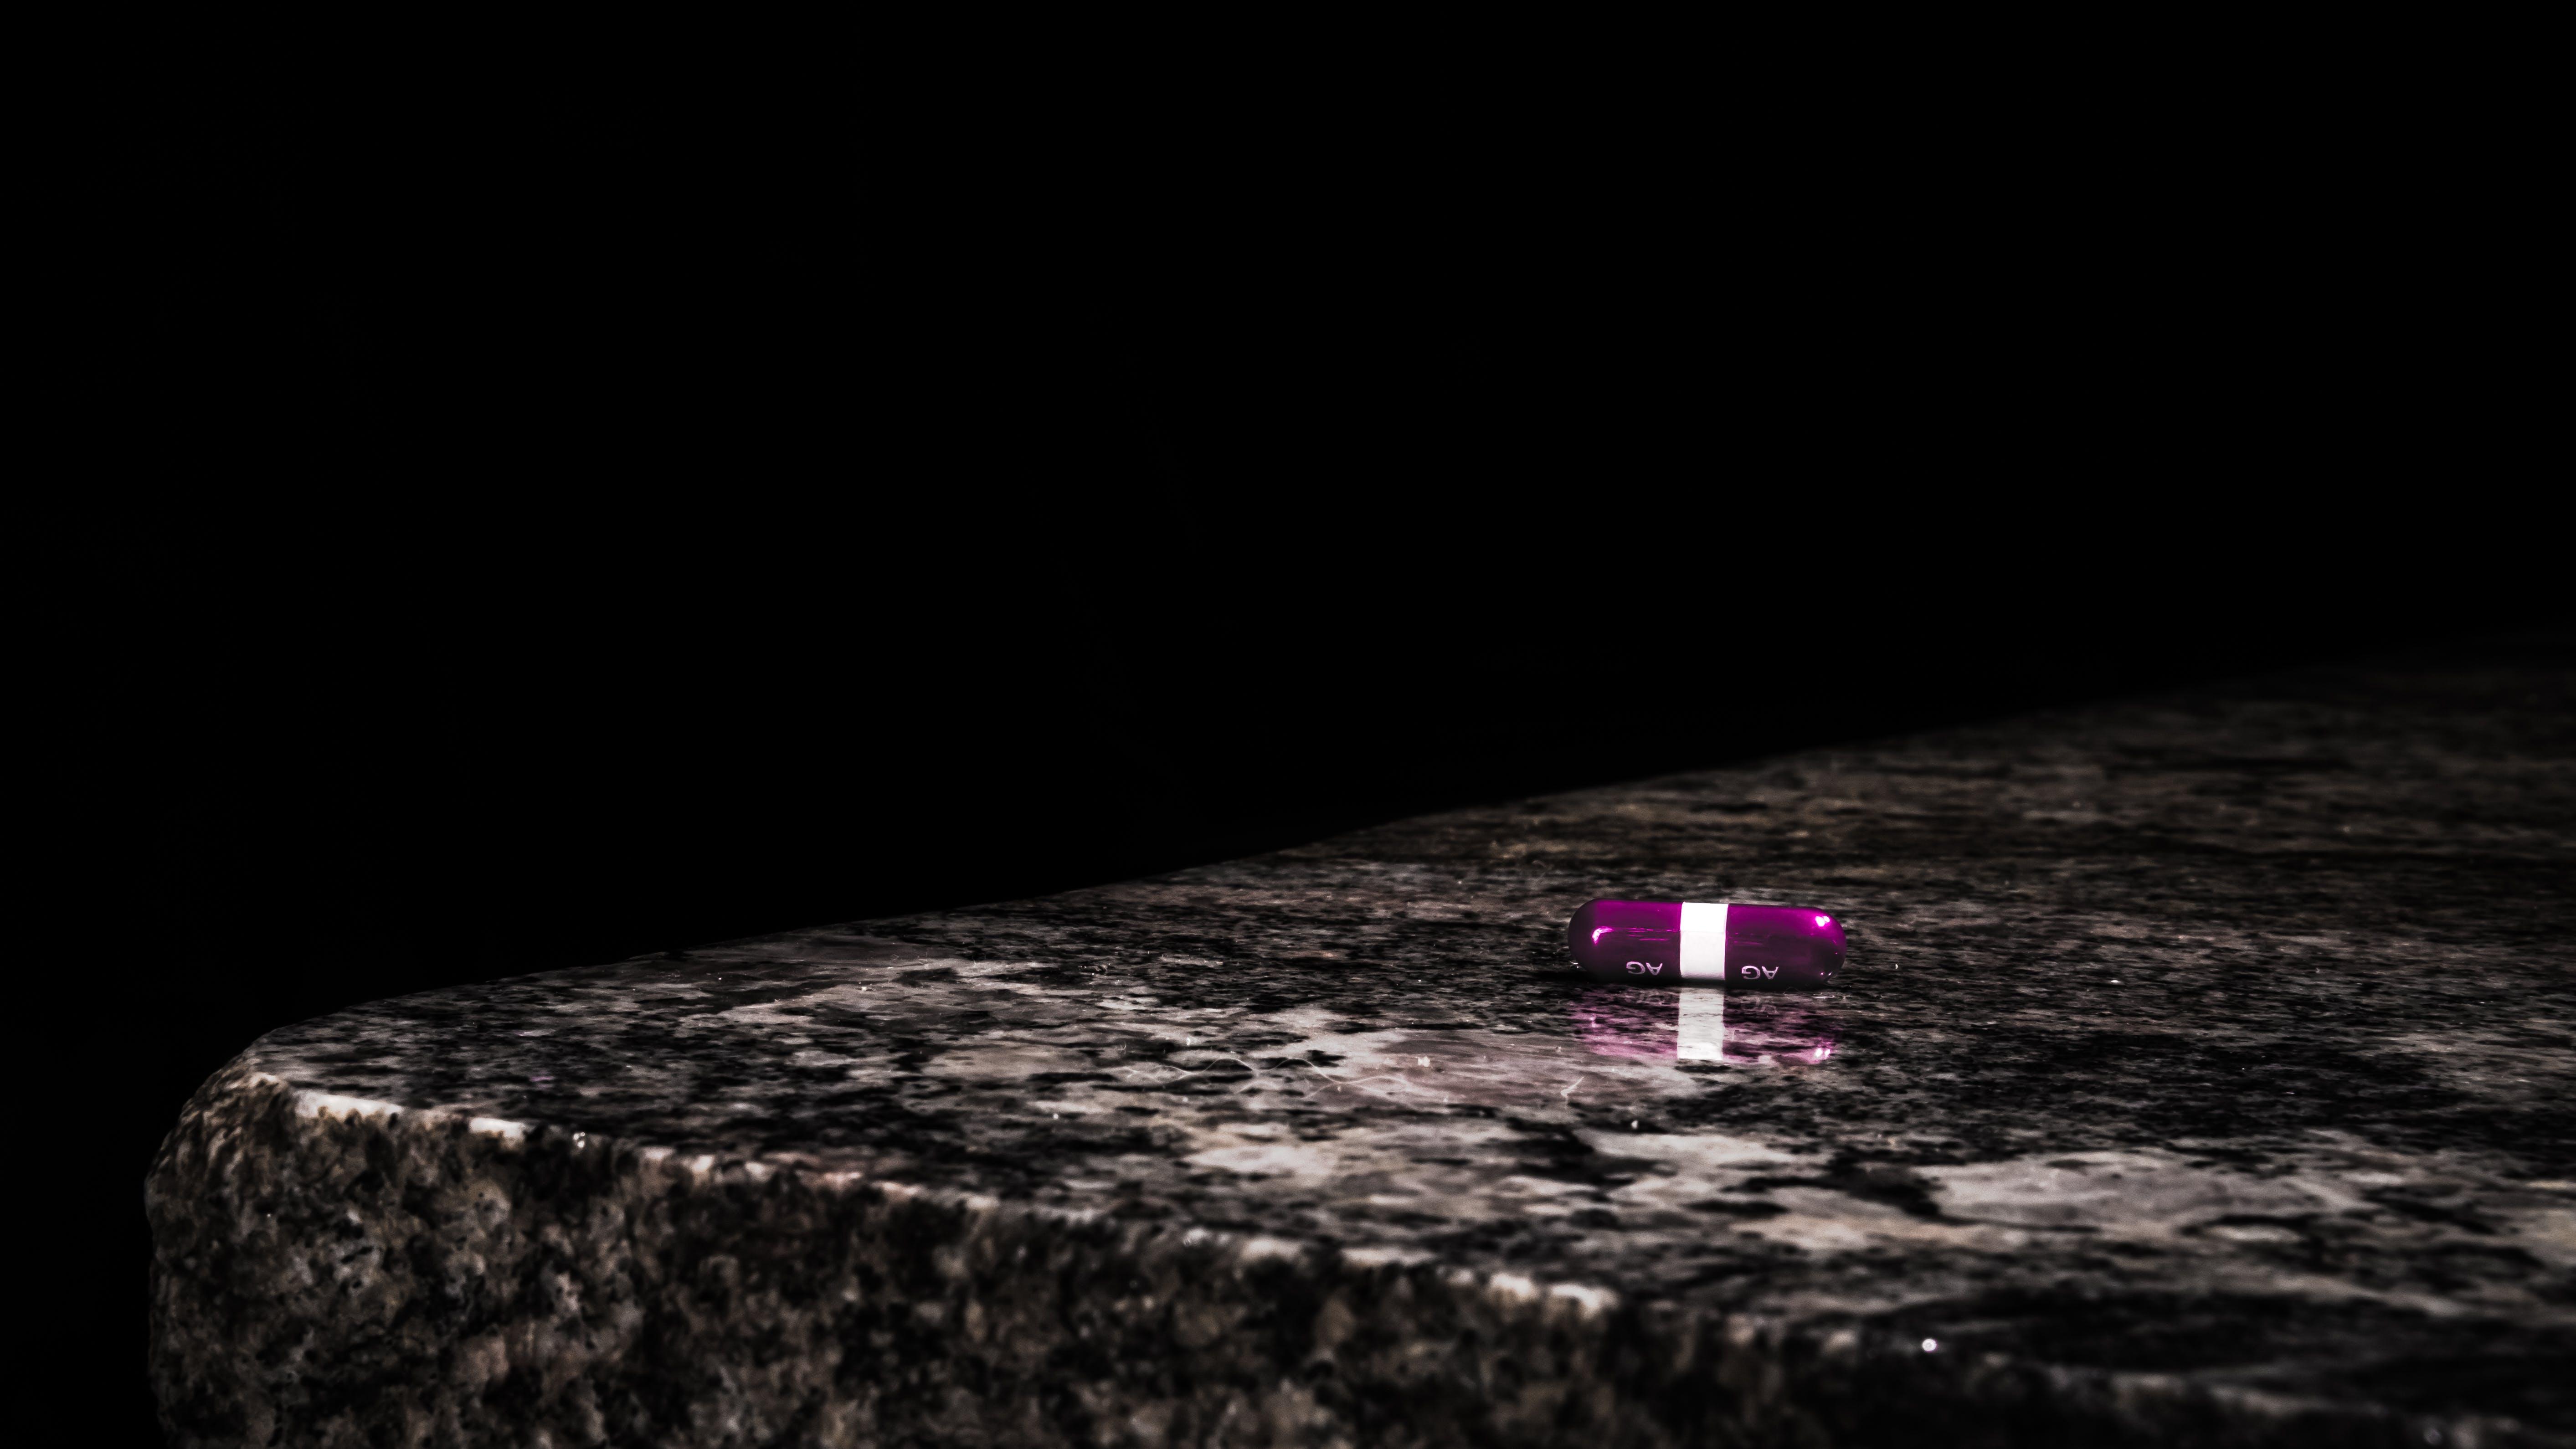 Purple Medication Tablet on Table